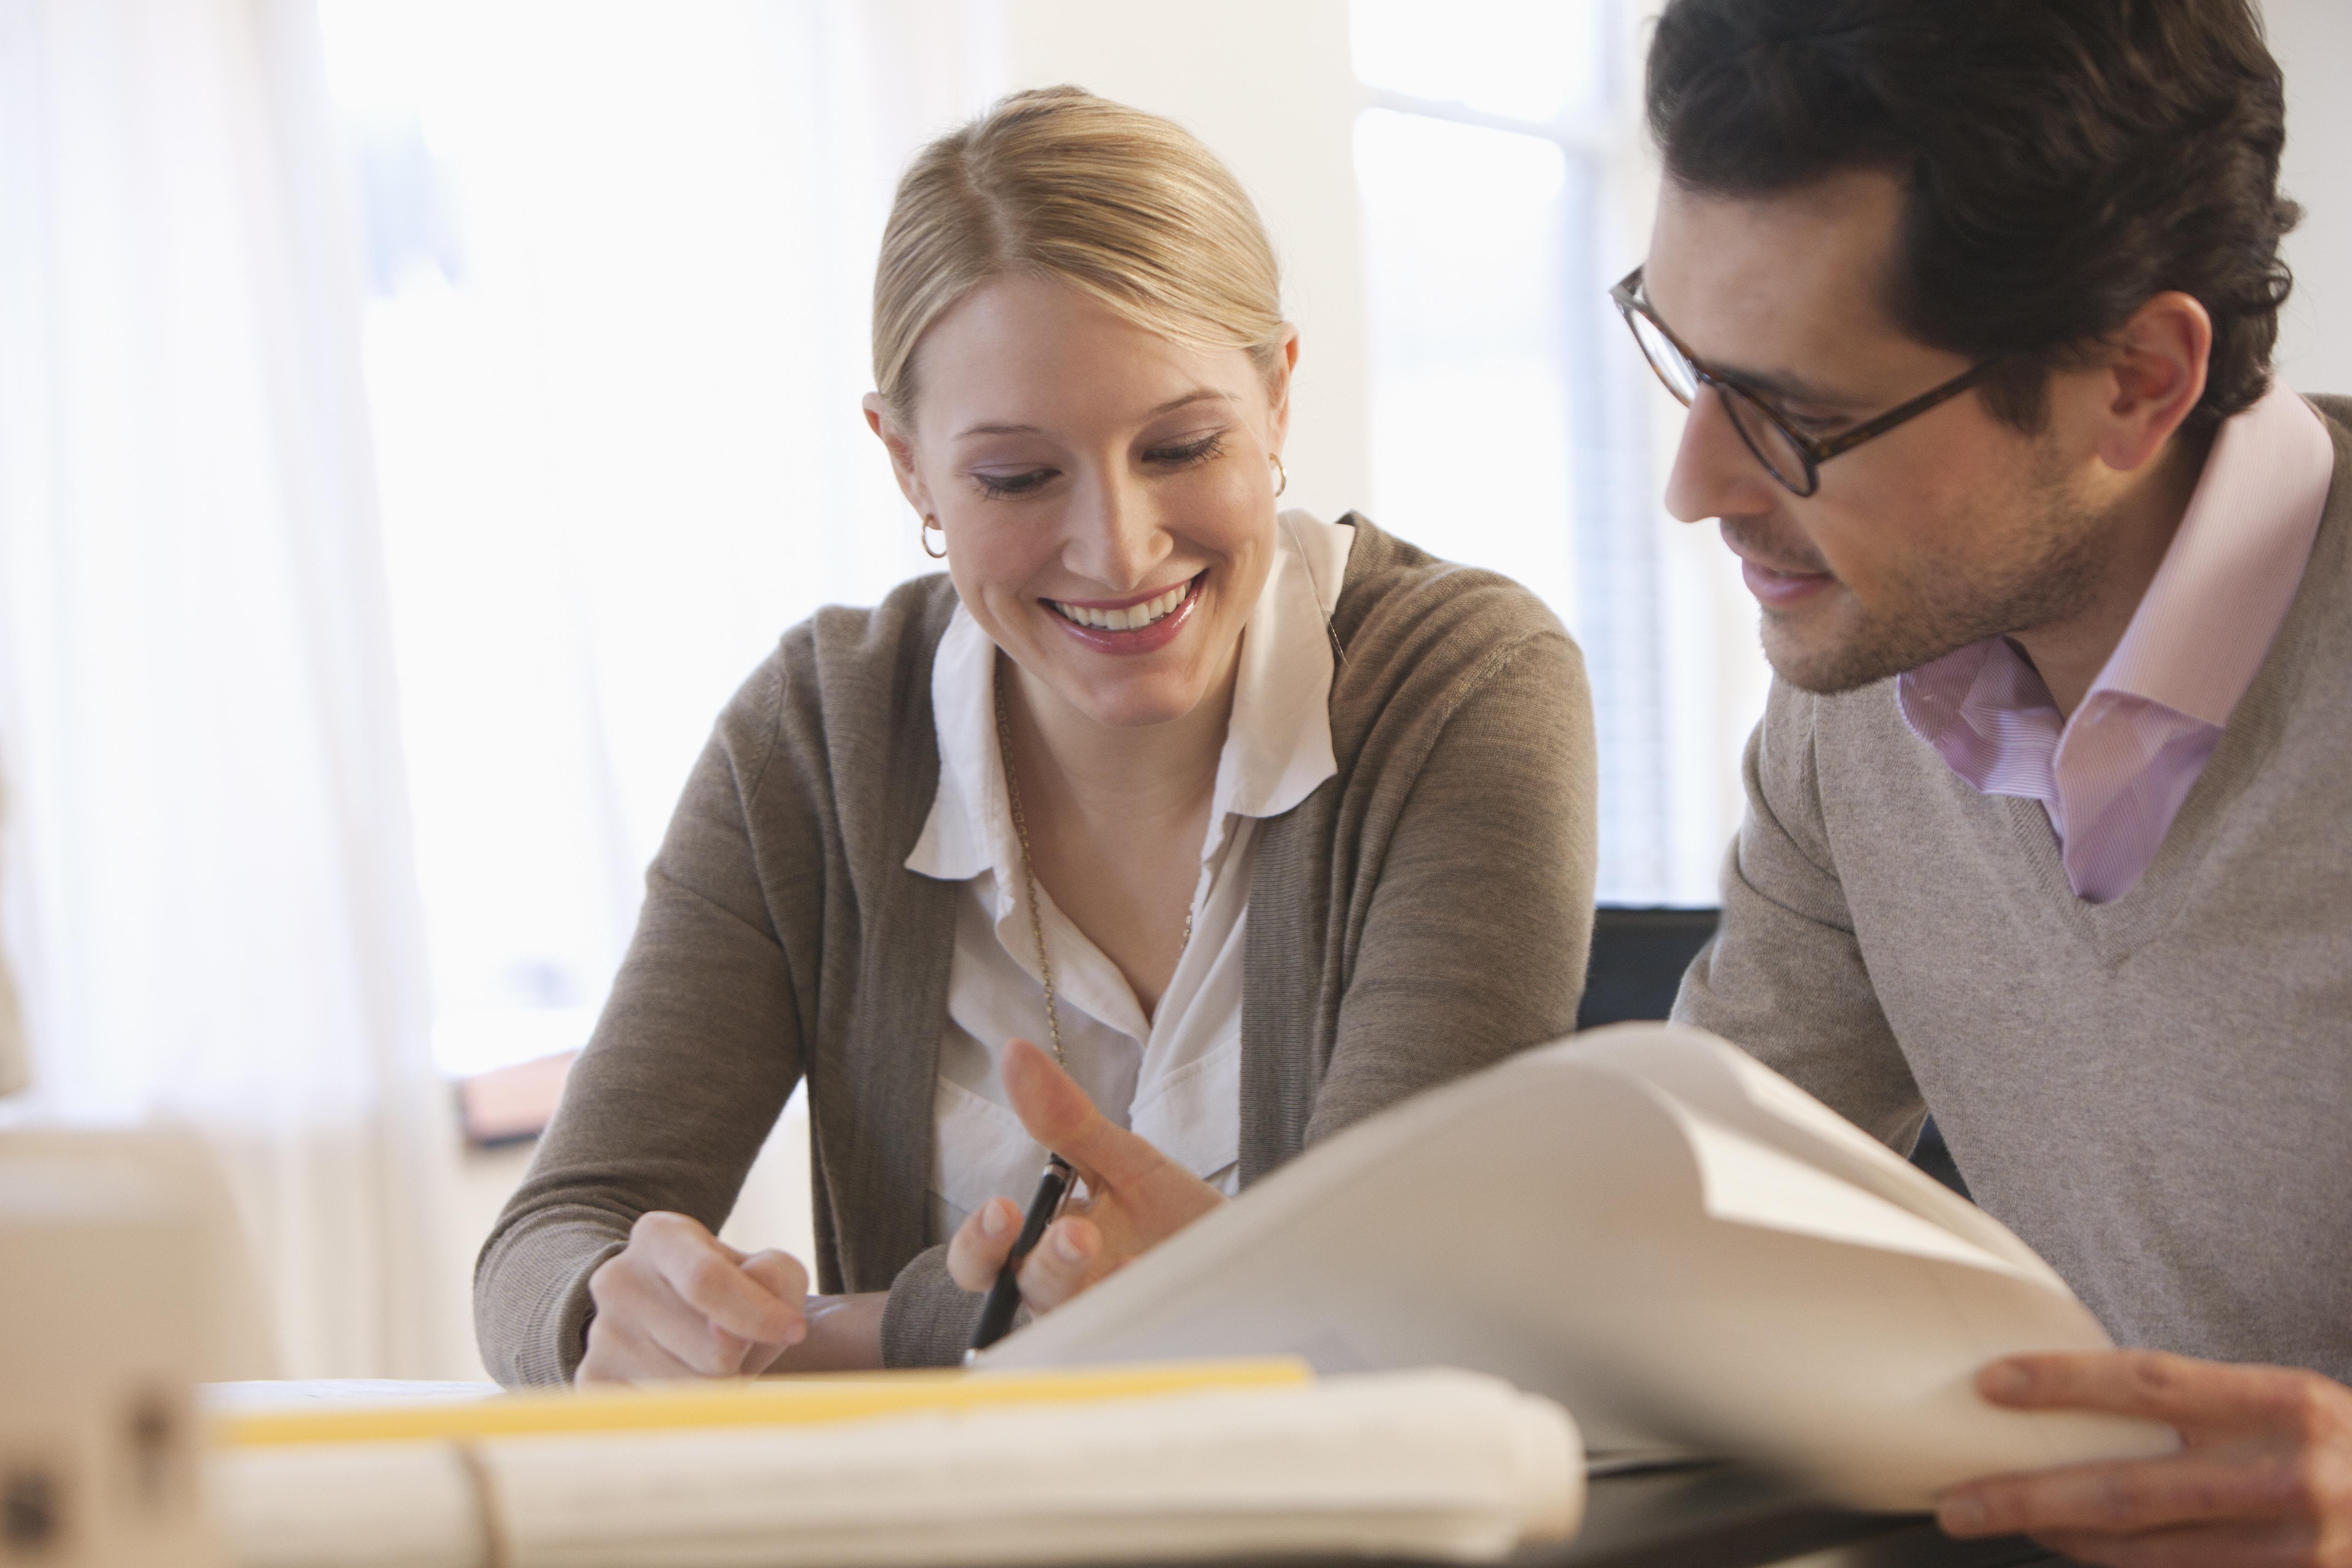 Σχεδιασμός και Οργάνωση Εκπαιδευτικών Προγραμμάτων – Συντονισμός Υλοποίησης Εκπαιδευτικής Διαδικασίας και Αξιολόγηση Εκπαιδευτικού Έργου σε Φορείς Εκπαιδευτικού Έργου σε Φορείς Εκπαίδευσης Ενηλίκων